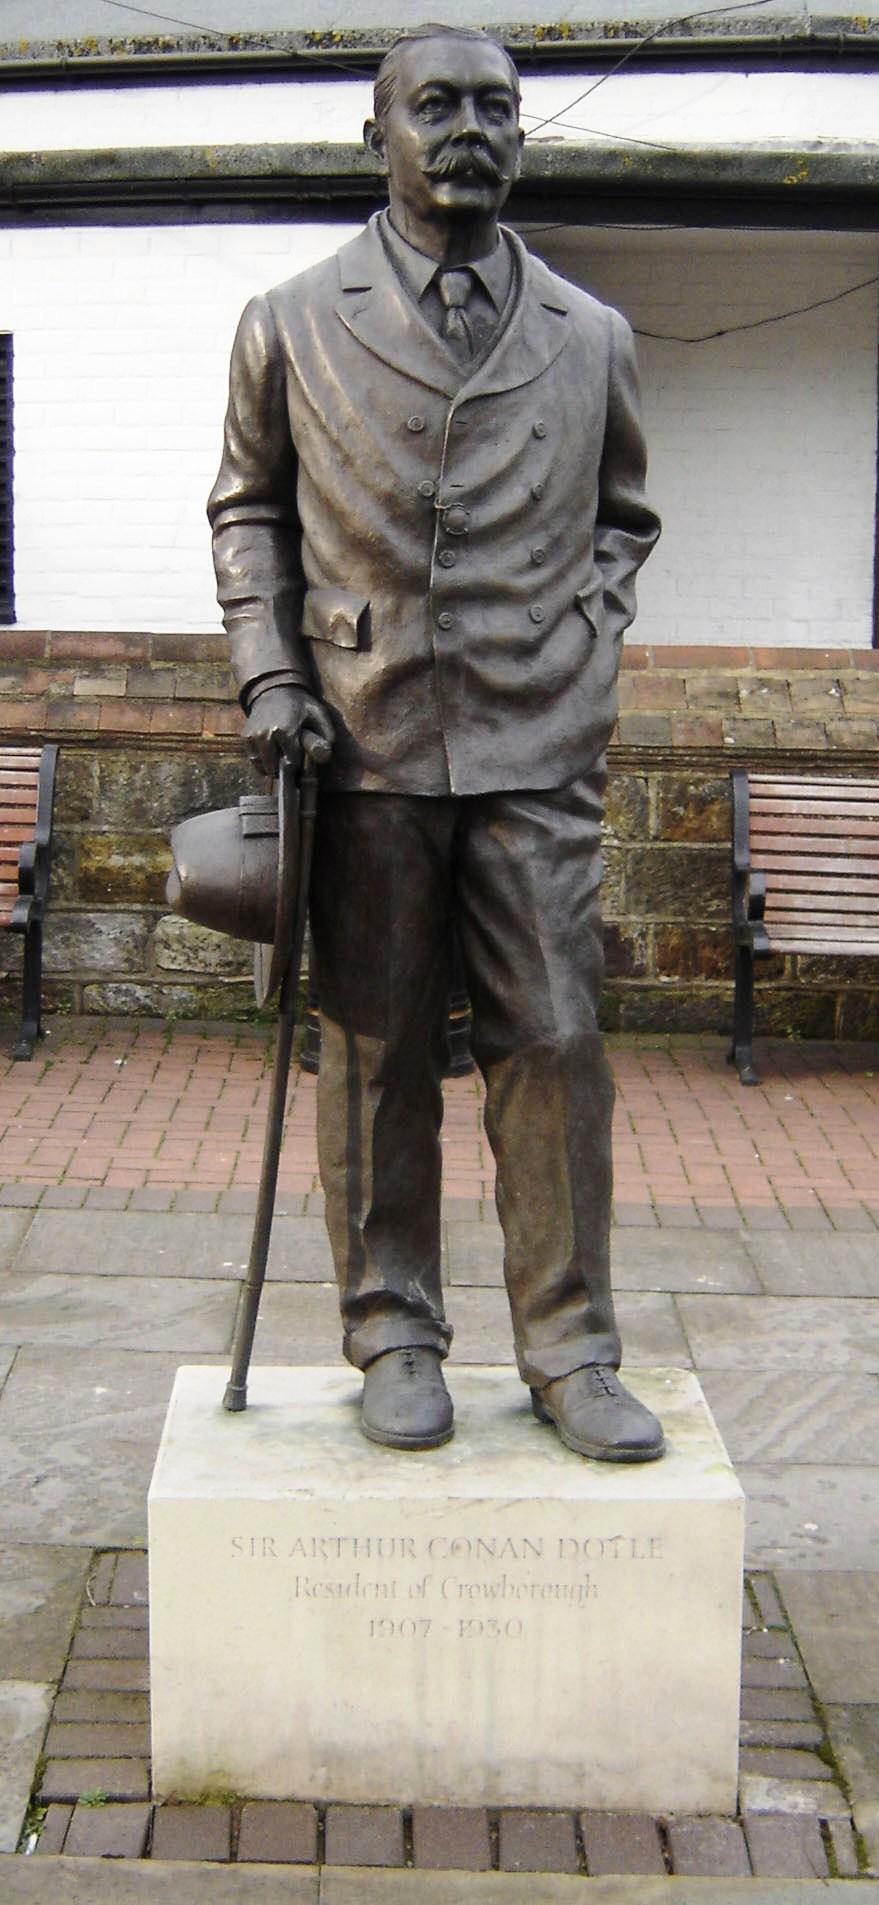 Doyle statue in Crowborough, East Sussex